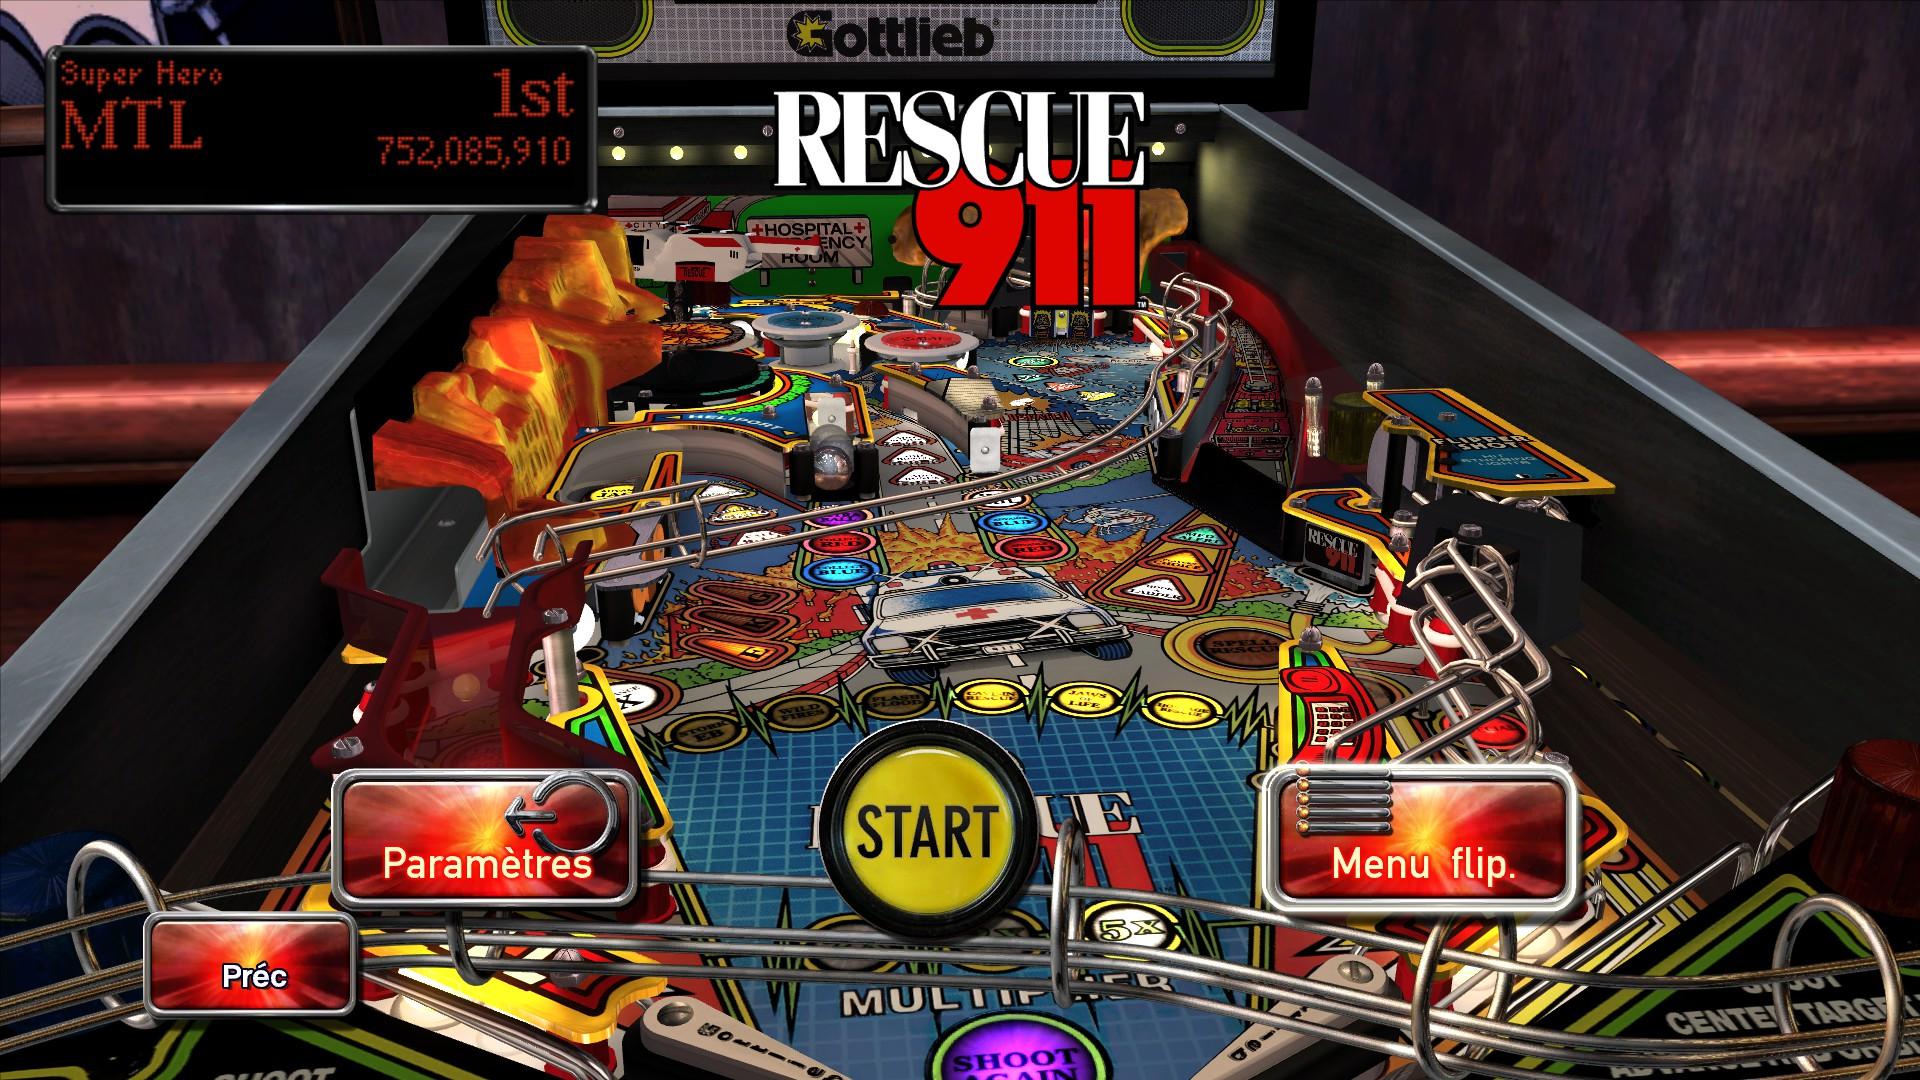 Mantalow: Pinball Arcade: Rescue 911 (PC) 752,085,910 points on 2016-03-31 04:16:24